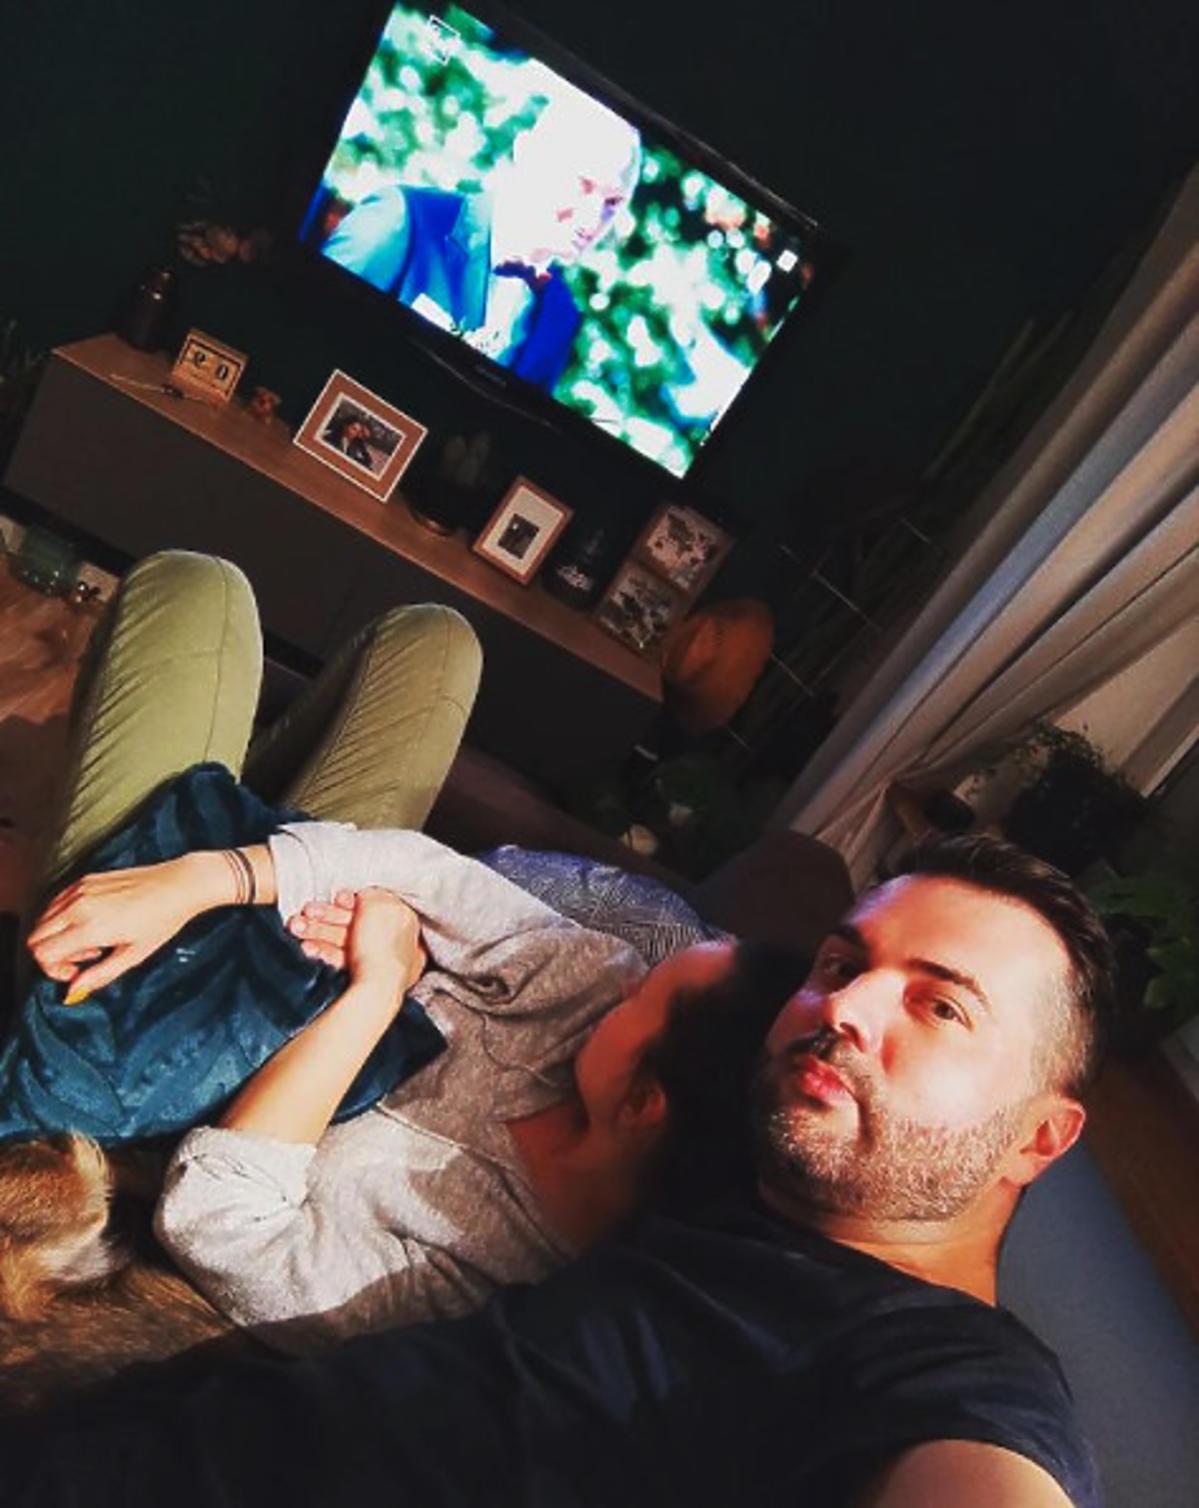 Karol i Laura ze Ślubu od pierwszego wejrzenia oglądają razem telewizję